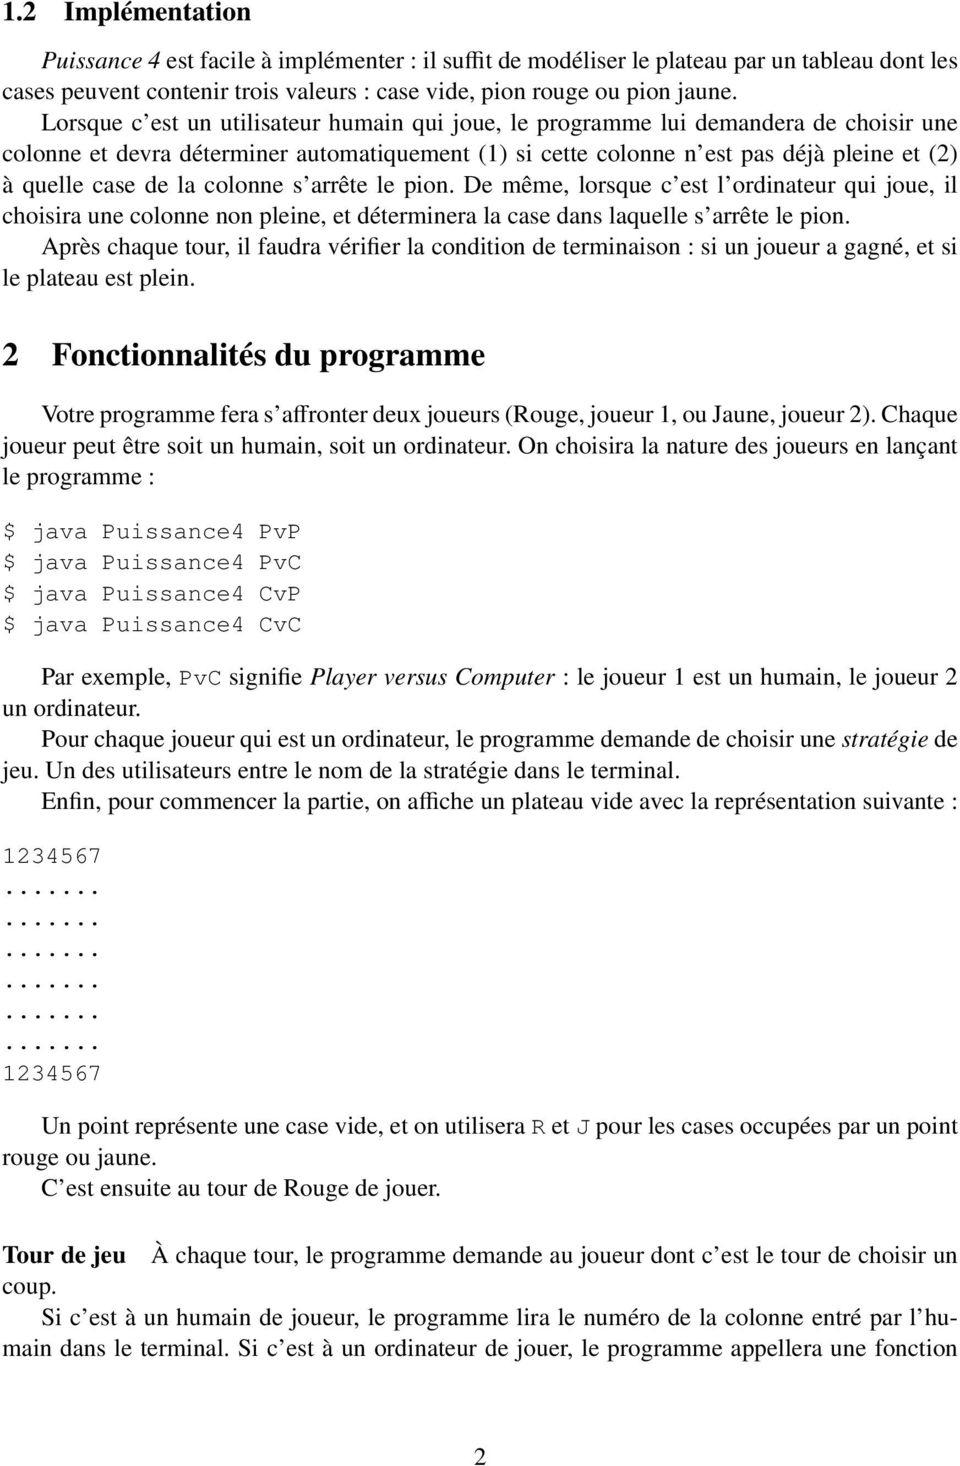 Projet De Programmation Java Puissance 4 - Pdf dedans Puissance 4 A Deux